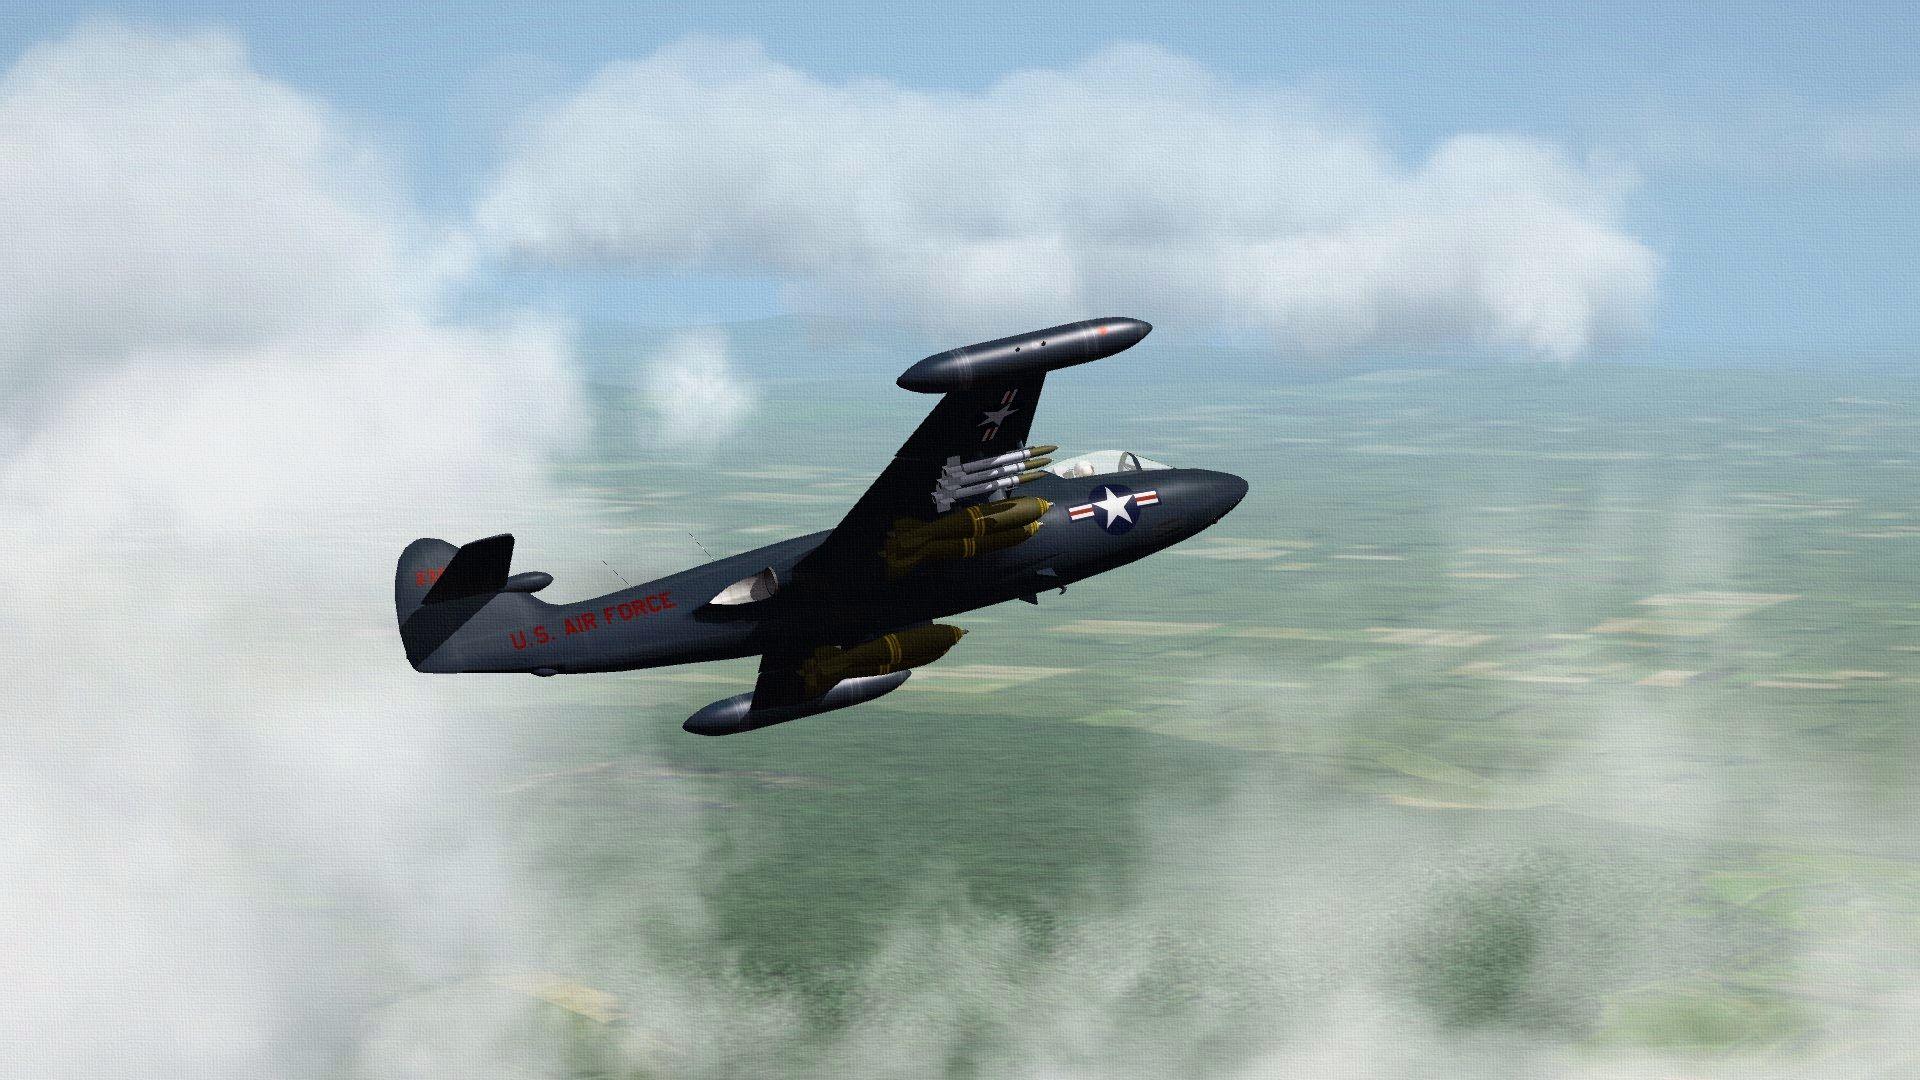 USAF%20F-87C%20NIGHTHAWK.05_zps9cqqbokg.